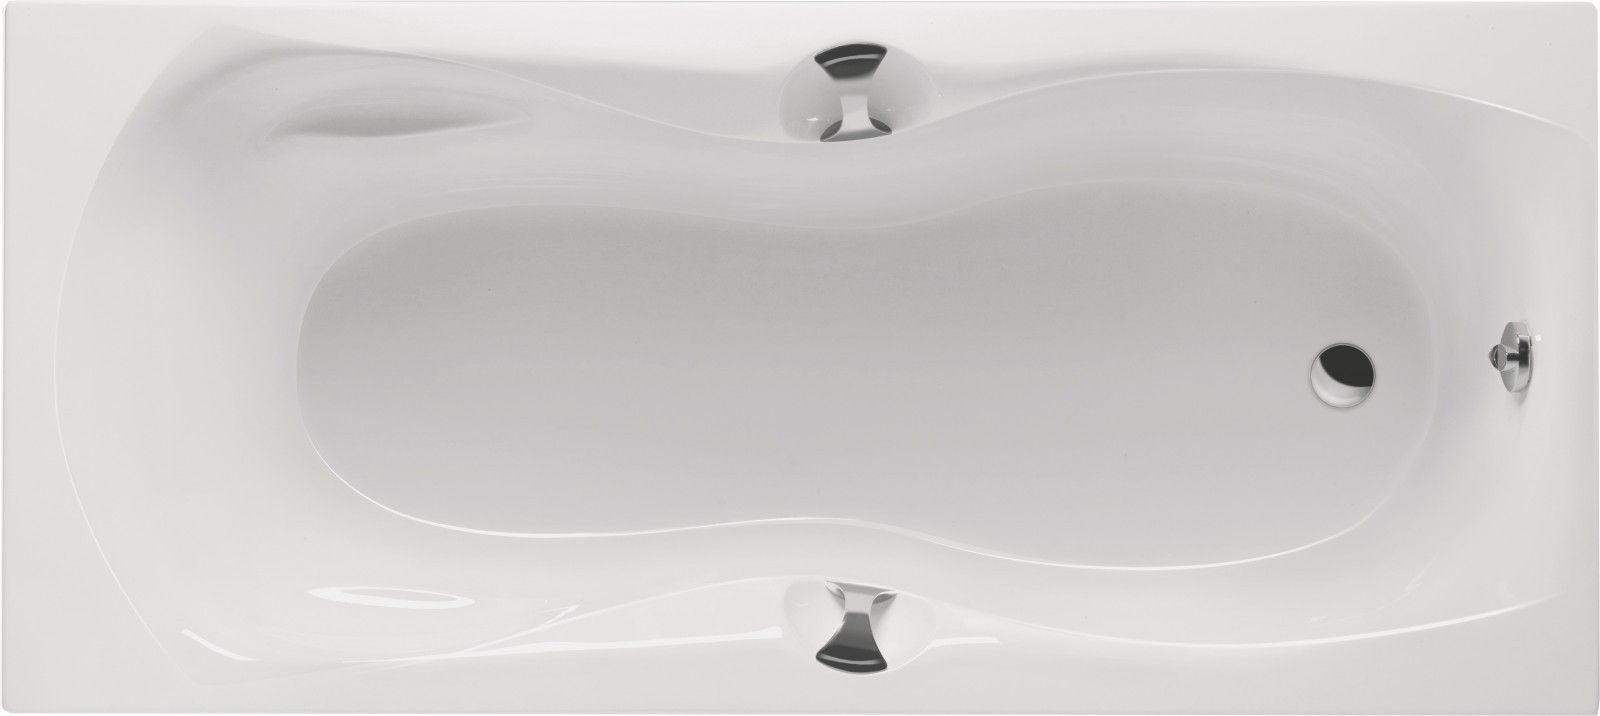 Badewanne Mit Griffen 160 X 75 X 42 5 Cm Bad Design Heizung Badewanne Wanne Acryl Weiss